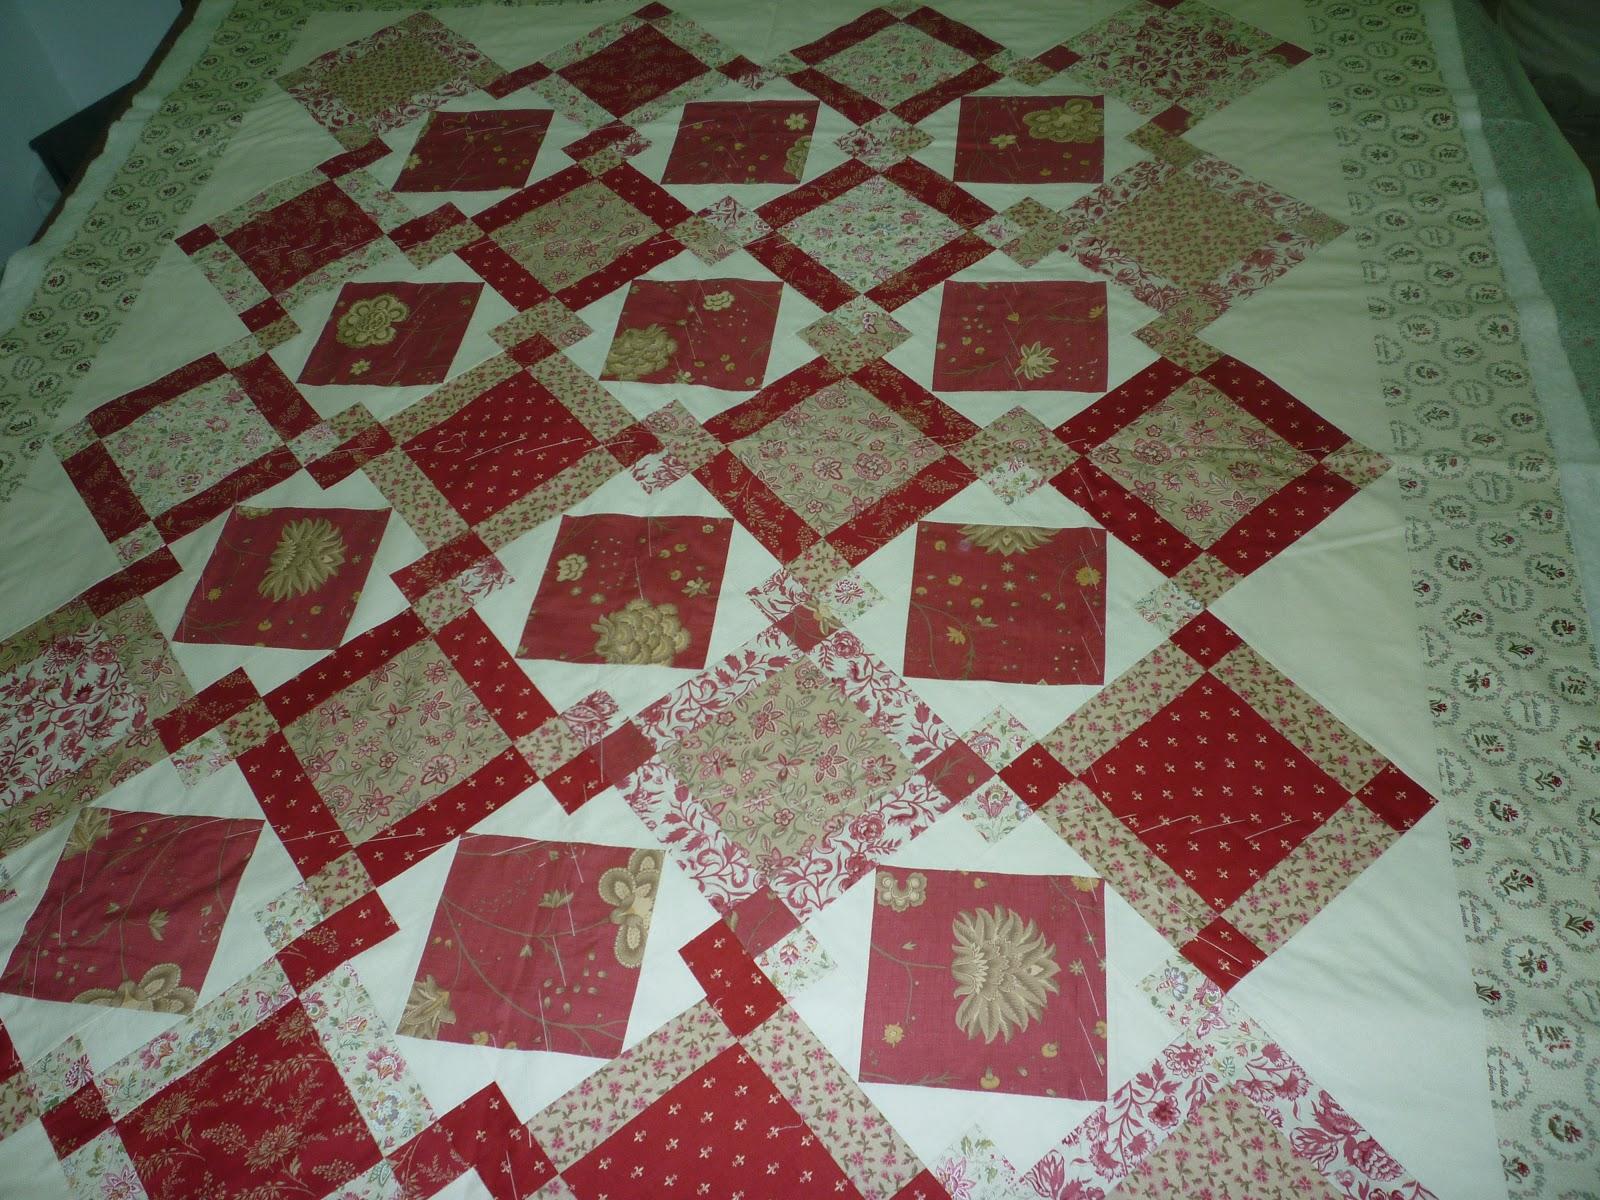 Les flors mayo 2013 - Colchas de patchwork modernas ...